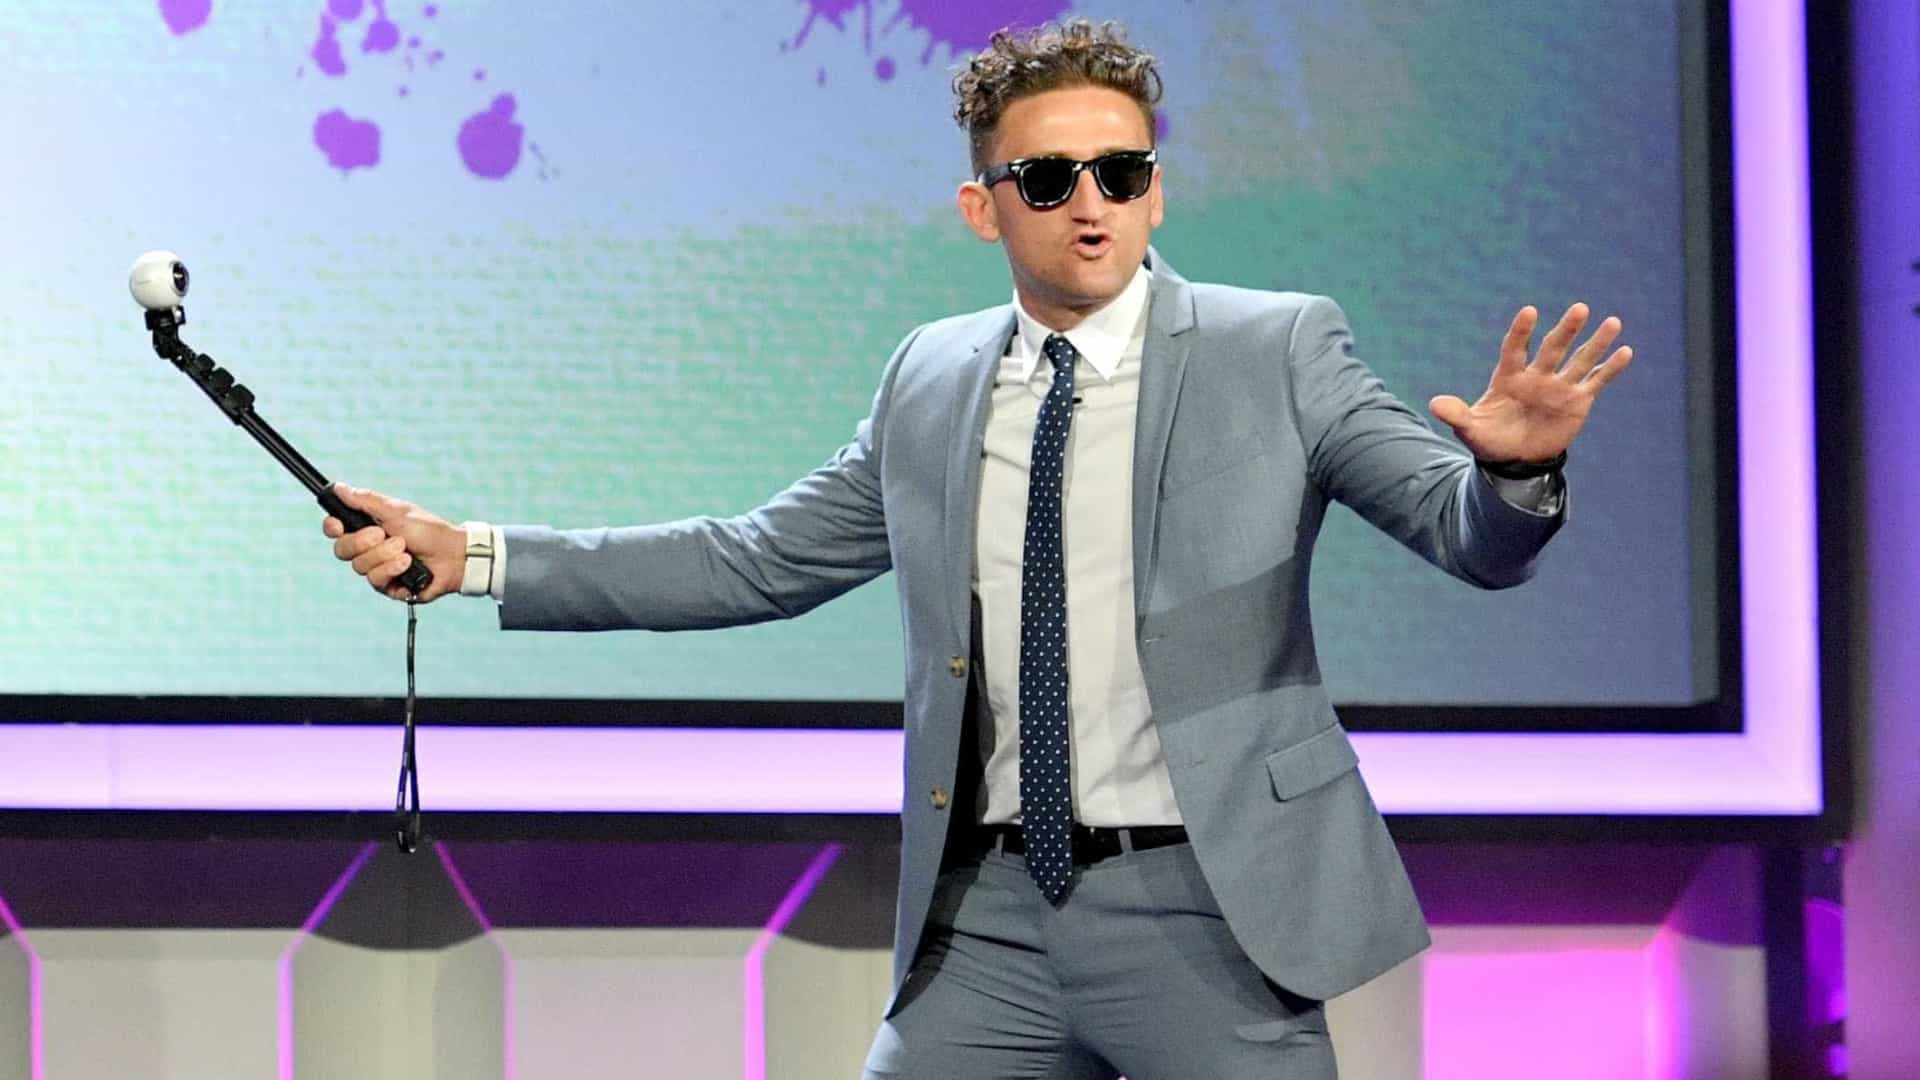 CNN contrata youtuber para expandir audiência digital